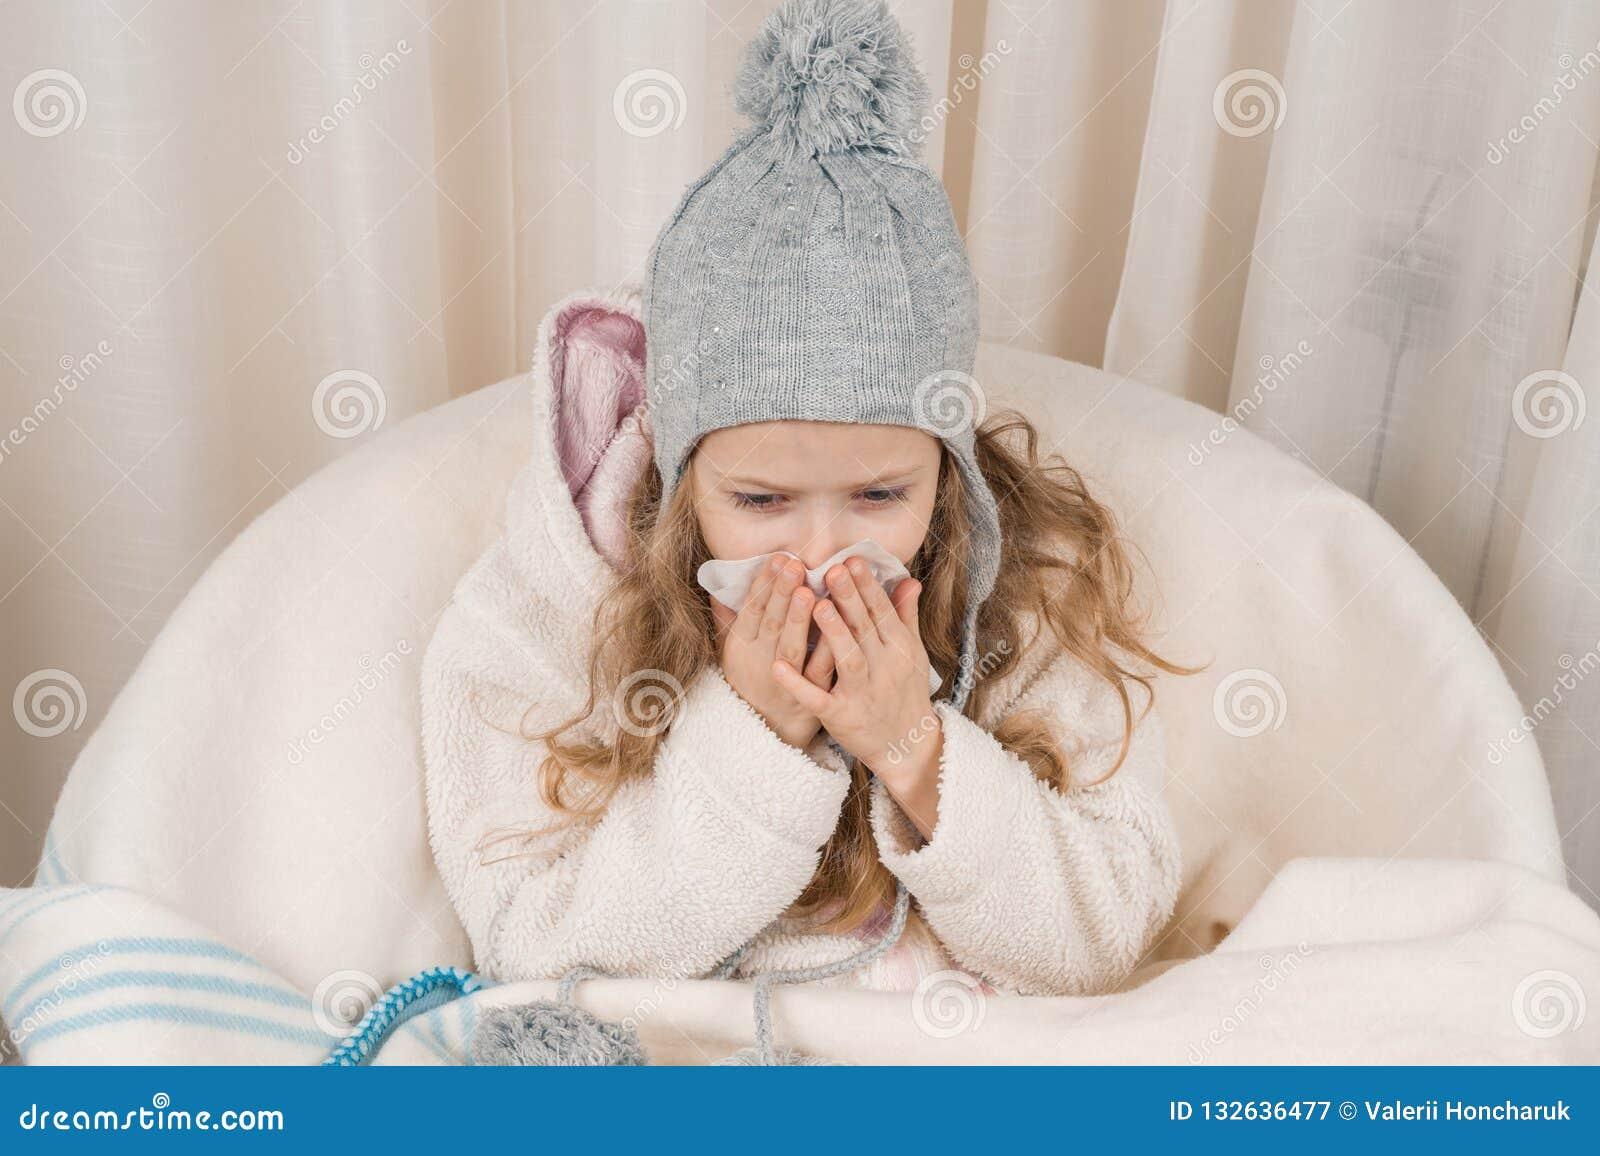 Девушка ребенка дома в стуле с теплыми связанными чиханиями одеяла шляпы шерстяными в носовом платке Холода зимы осени сезона